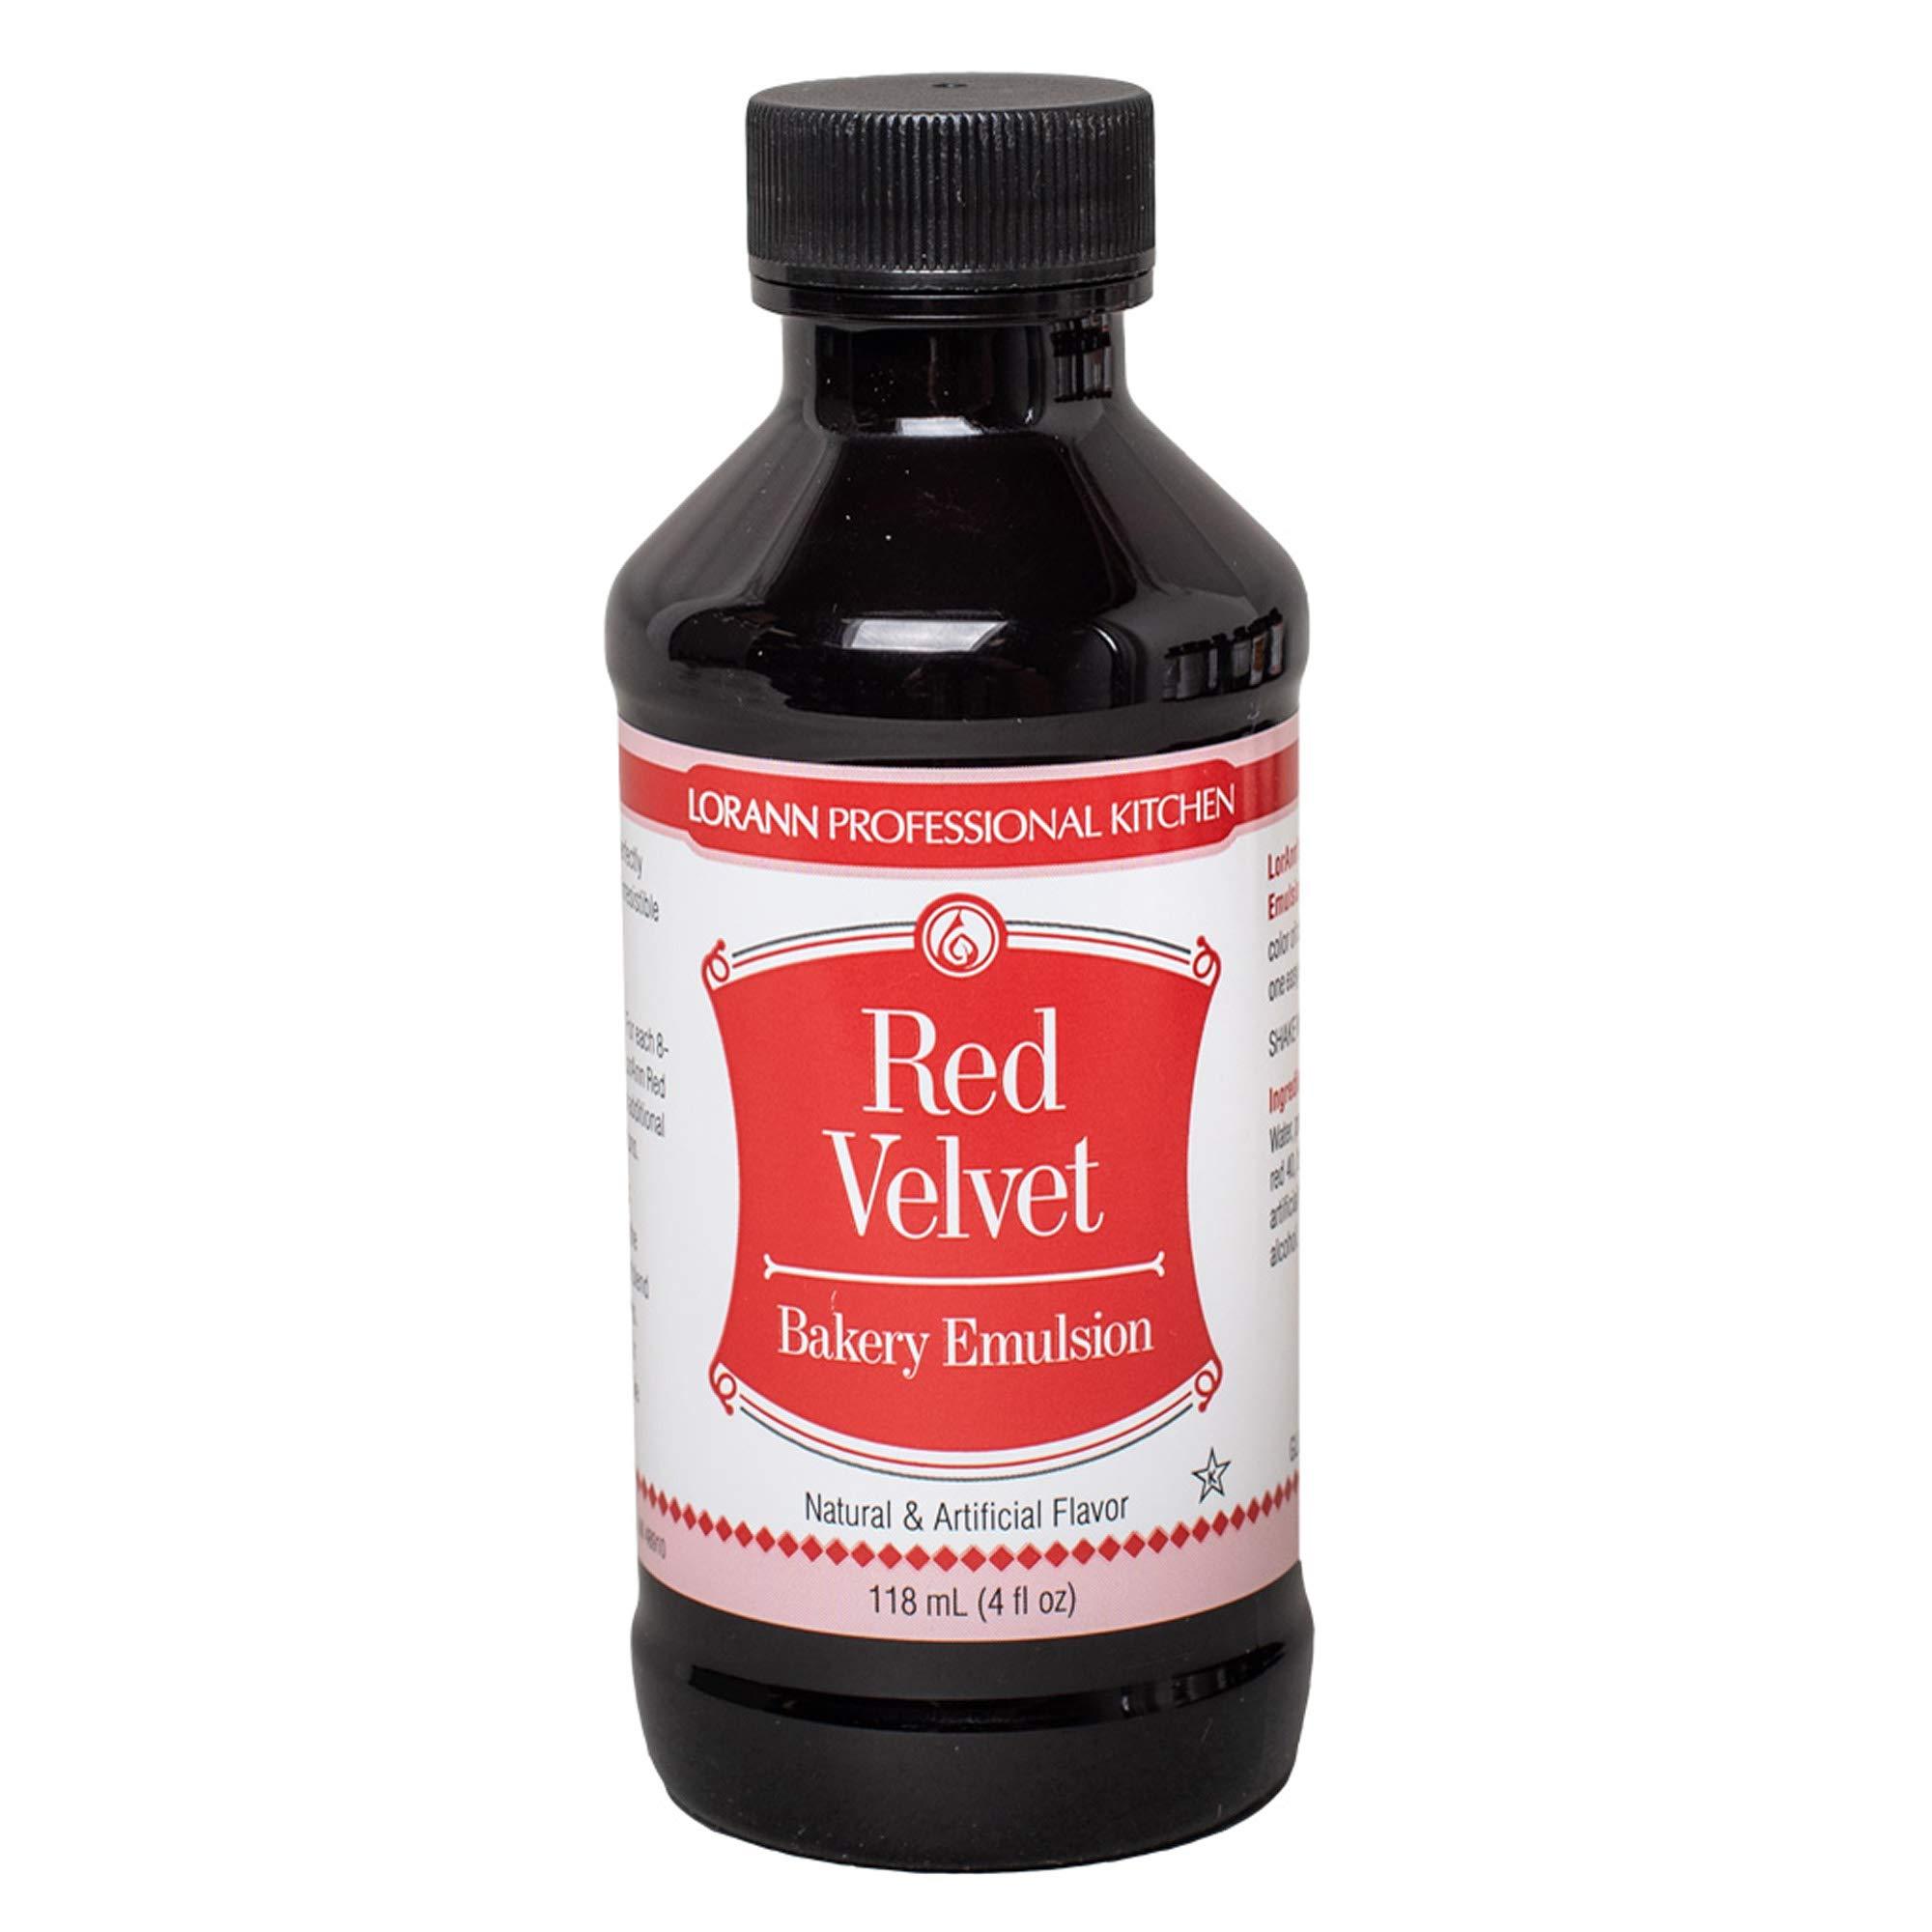 LorAnn Red Velvet Bakery Emulsion, 4 ounce bottle